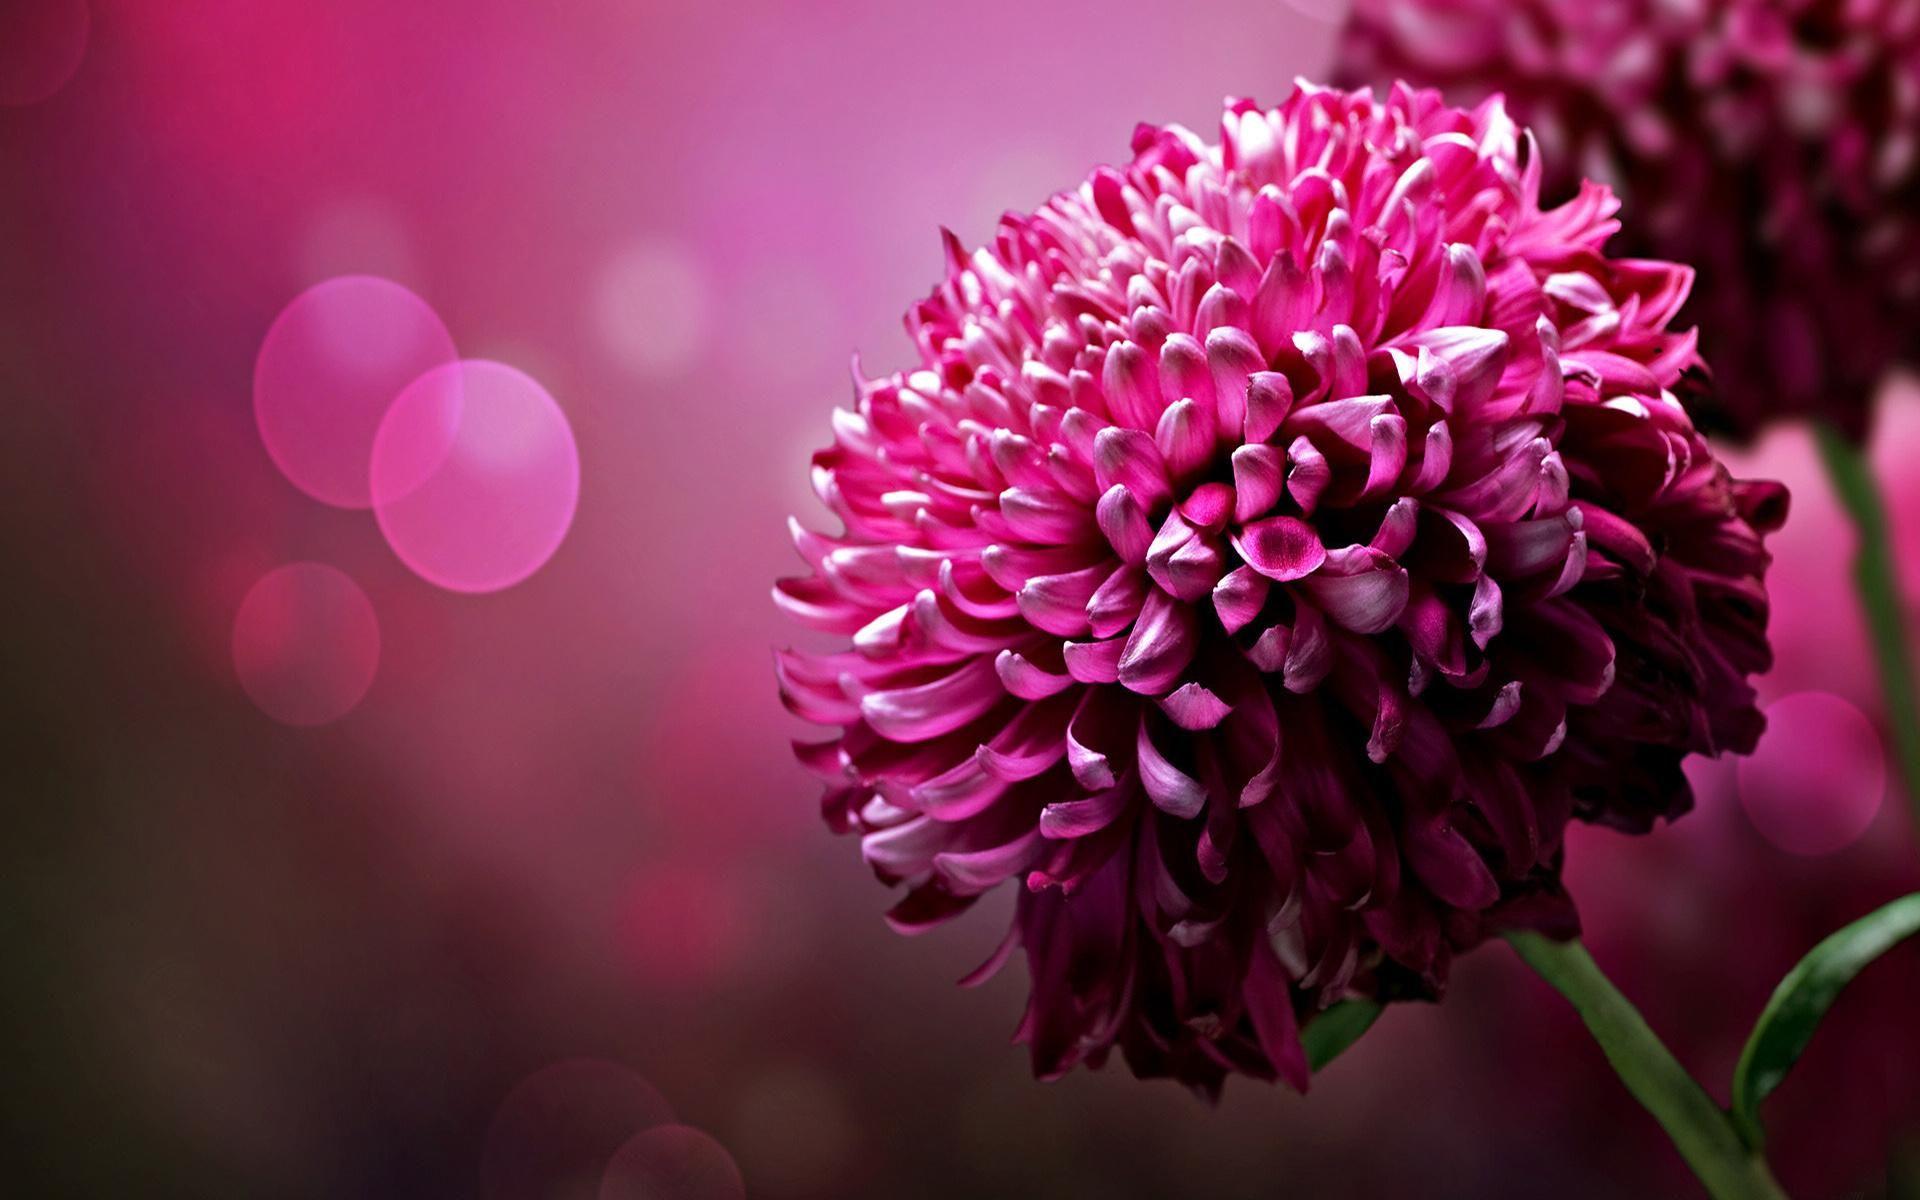 Providing You Widescreen High Defination Hd Desktop Nice Wallpapers 1920 1200 Choose Flower Desktop Wallpaper Purple Flowers Wallpaper Beautiful Flowers Images